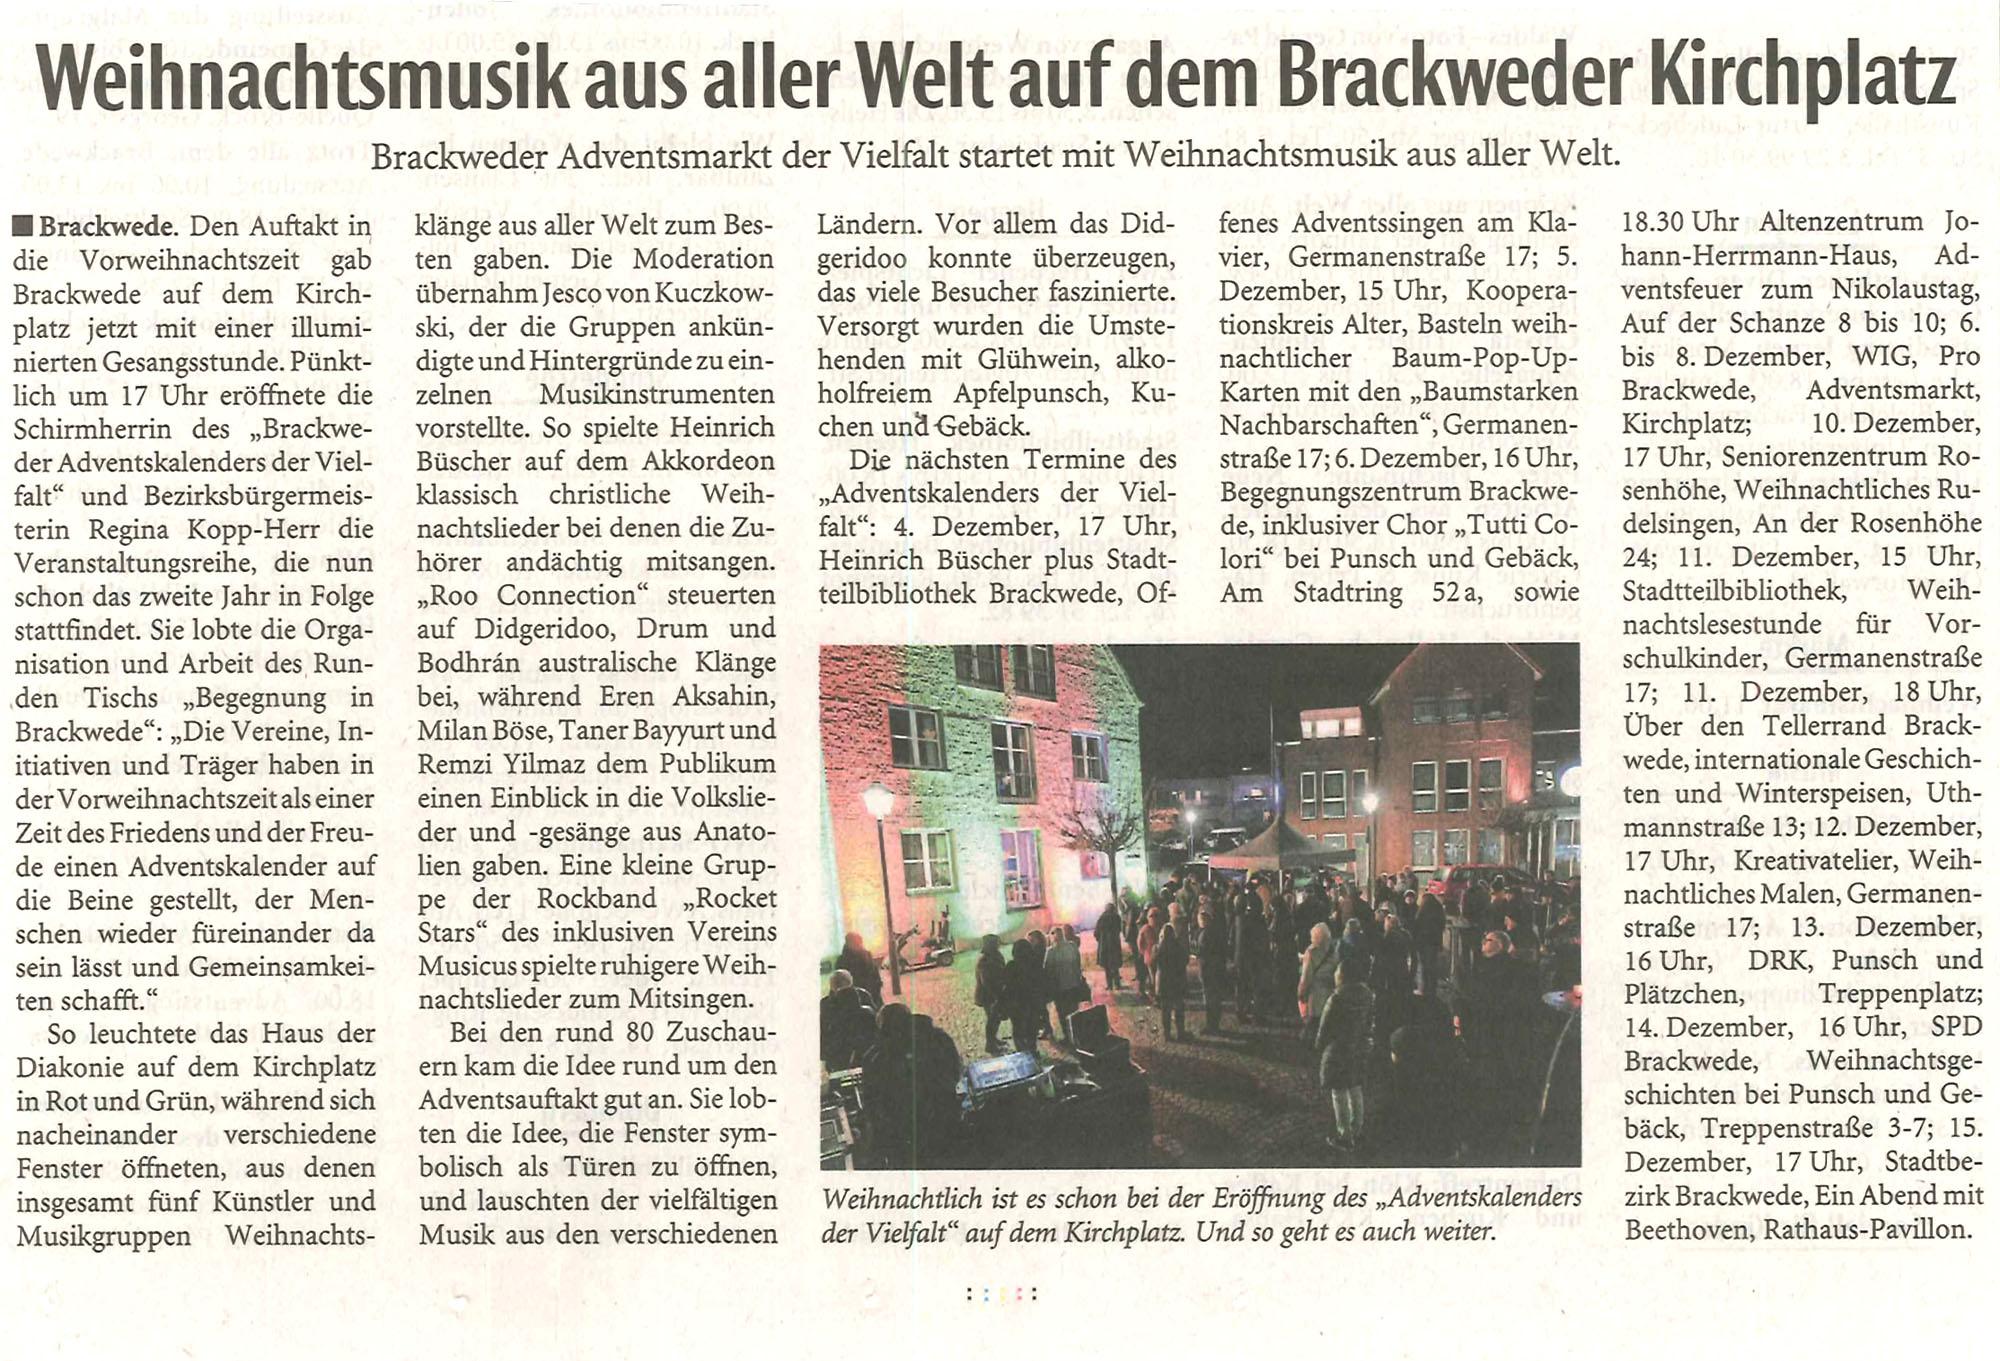 Veranstaltung Fensterstimmem Diakonie Brackwede am 1.Advent 2019 - Pressebericht Westalenblatt